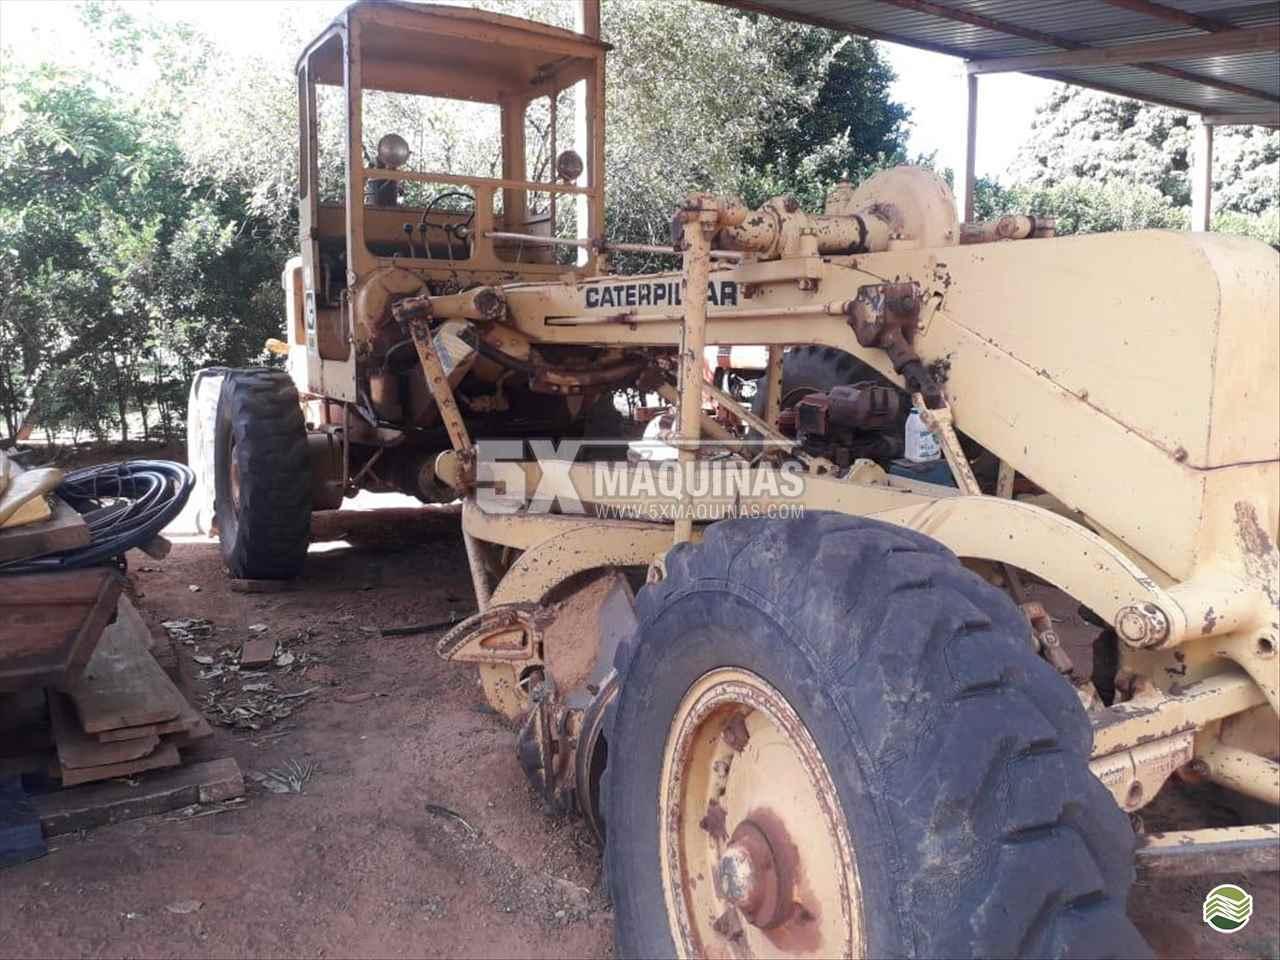 MOTONIVELADORA CATERPILLAR 12E 5X Máquinas  CAMPO GRANDE MATO GROSSO DO SUL MS